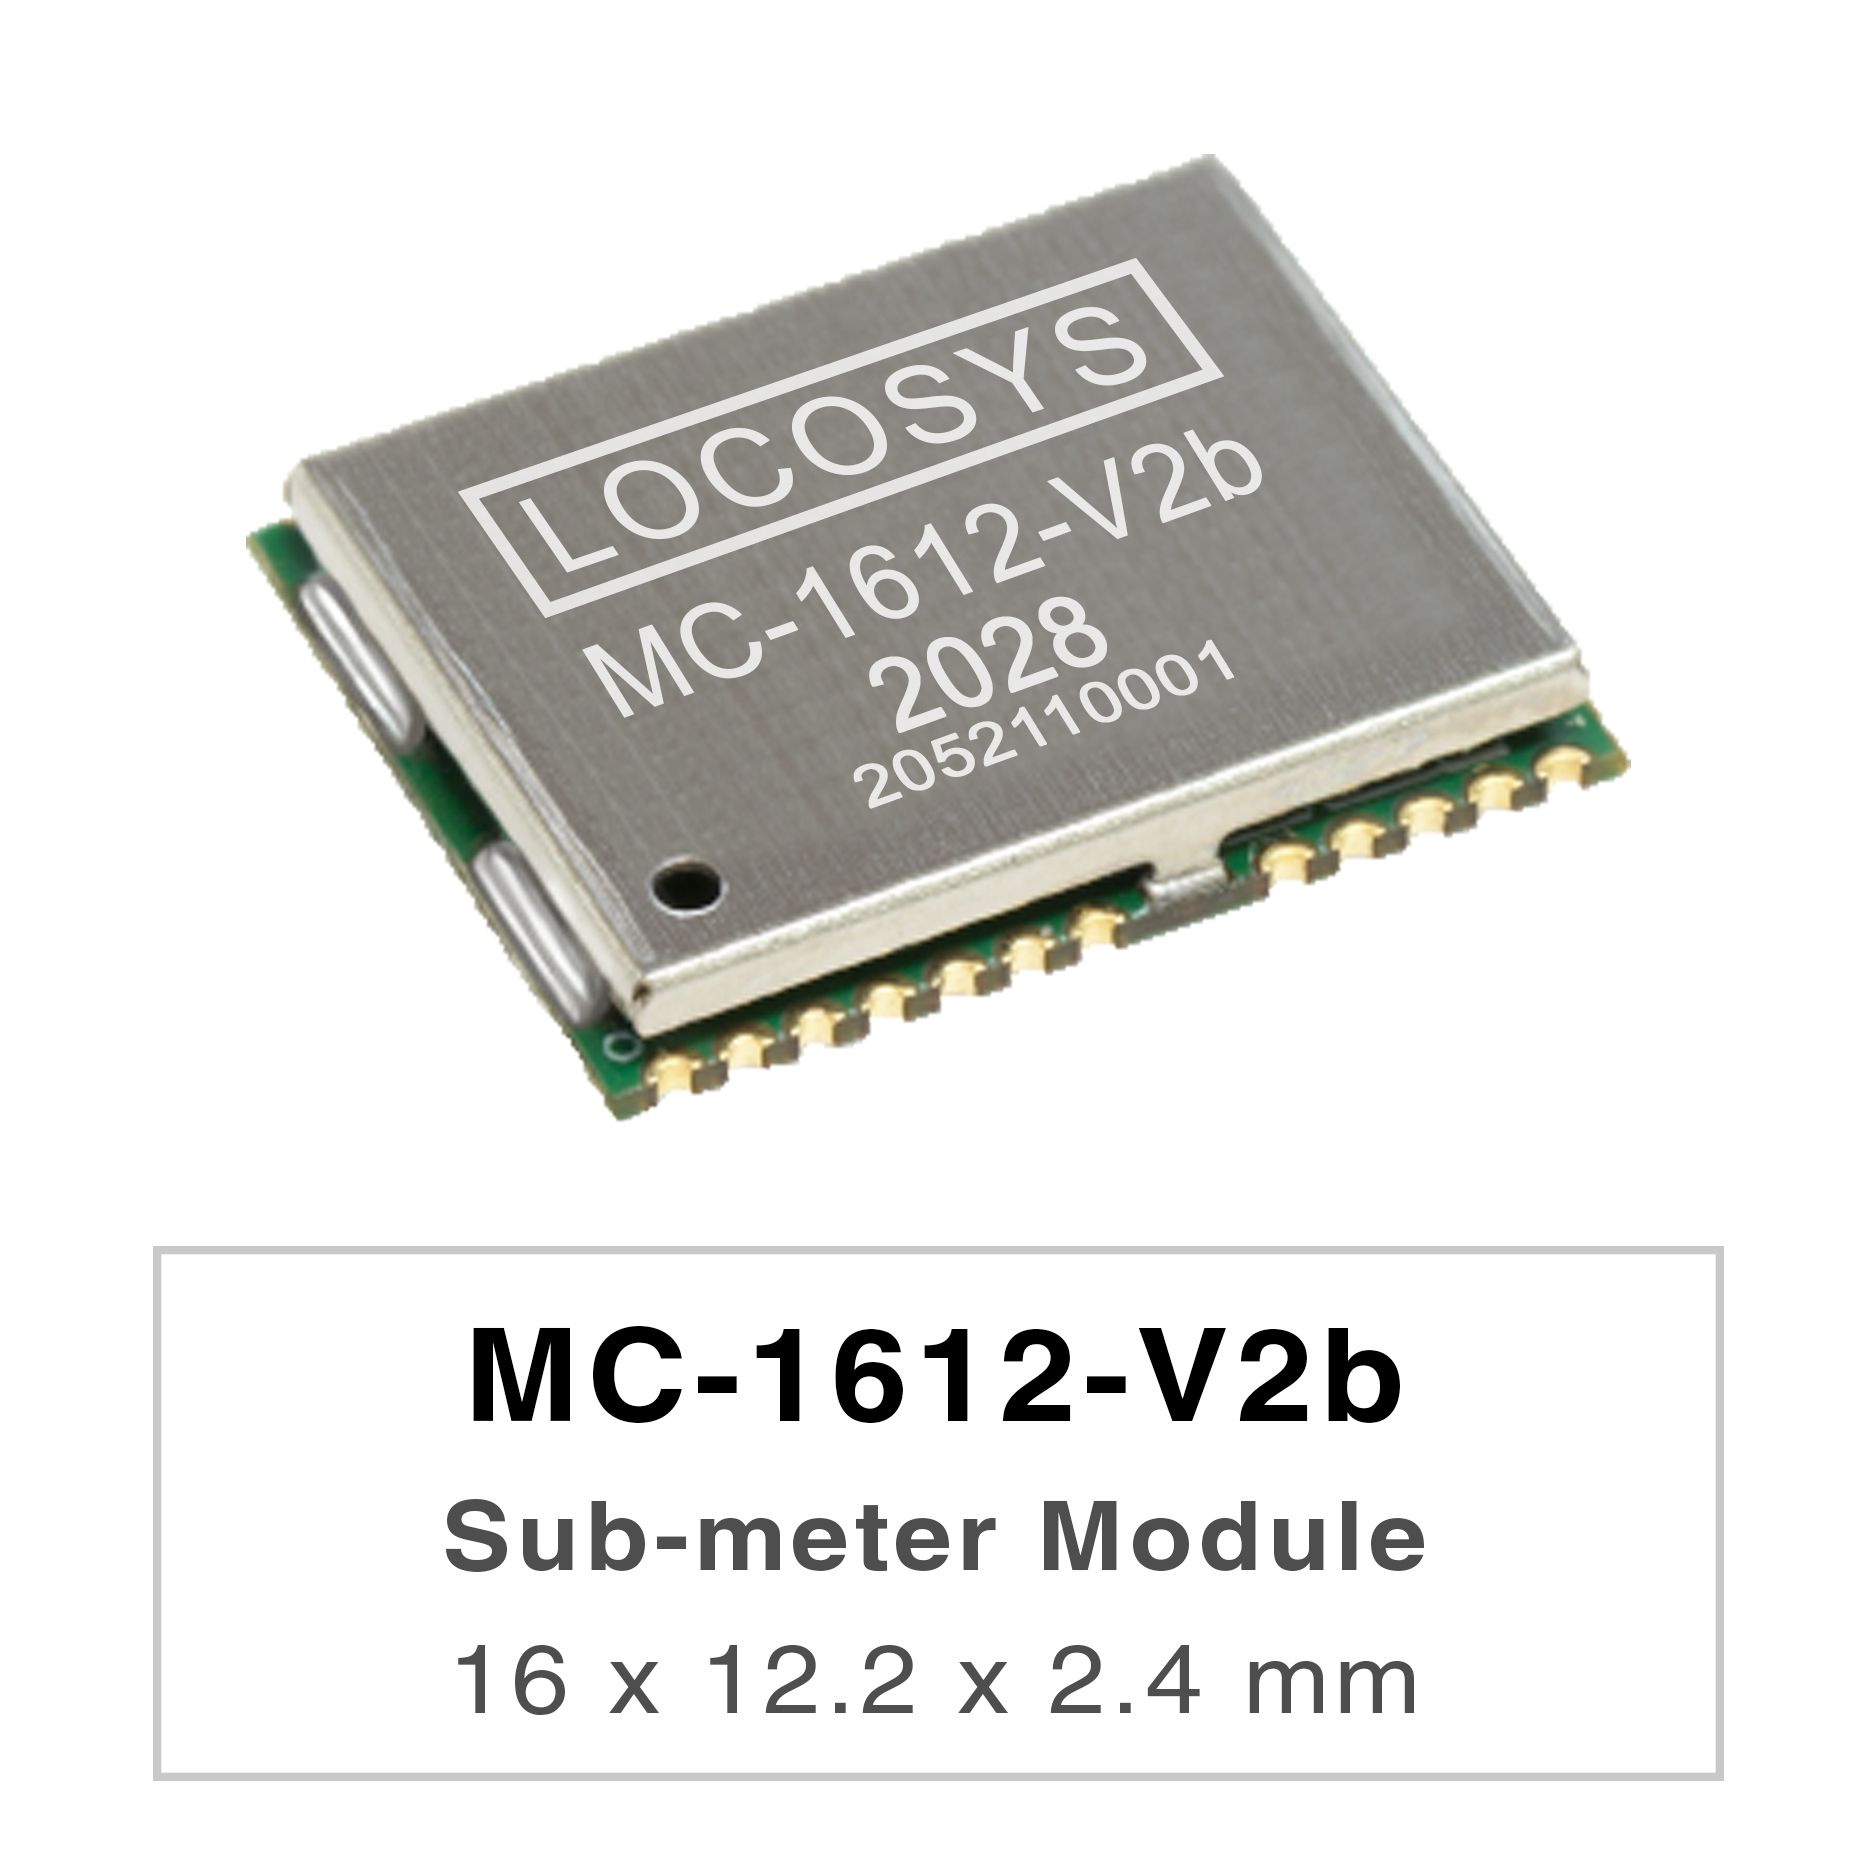 LOCOSYS MC-1612-Vxx - это высокопроизводительные двухдиапазонные модули позиционирования GNSS, которые       способны отслеживать все глобальные гражданские навигационные системы. Они используют техпроцесс 12 нм и интегрируют эффективную       архитектуру управления питанием для обеспечения низкого энергопотребления и высокой чувствительности.